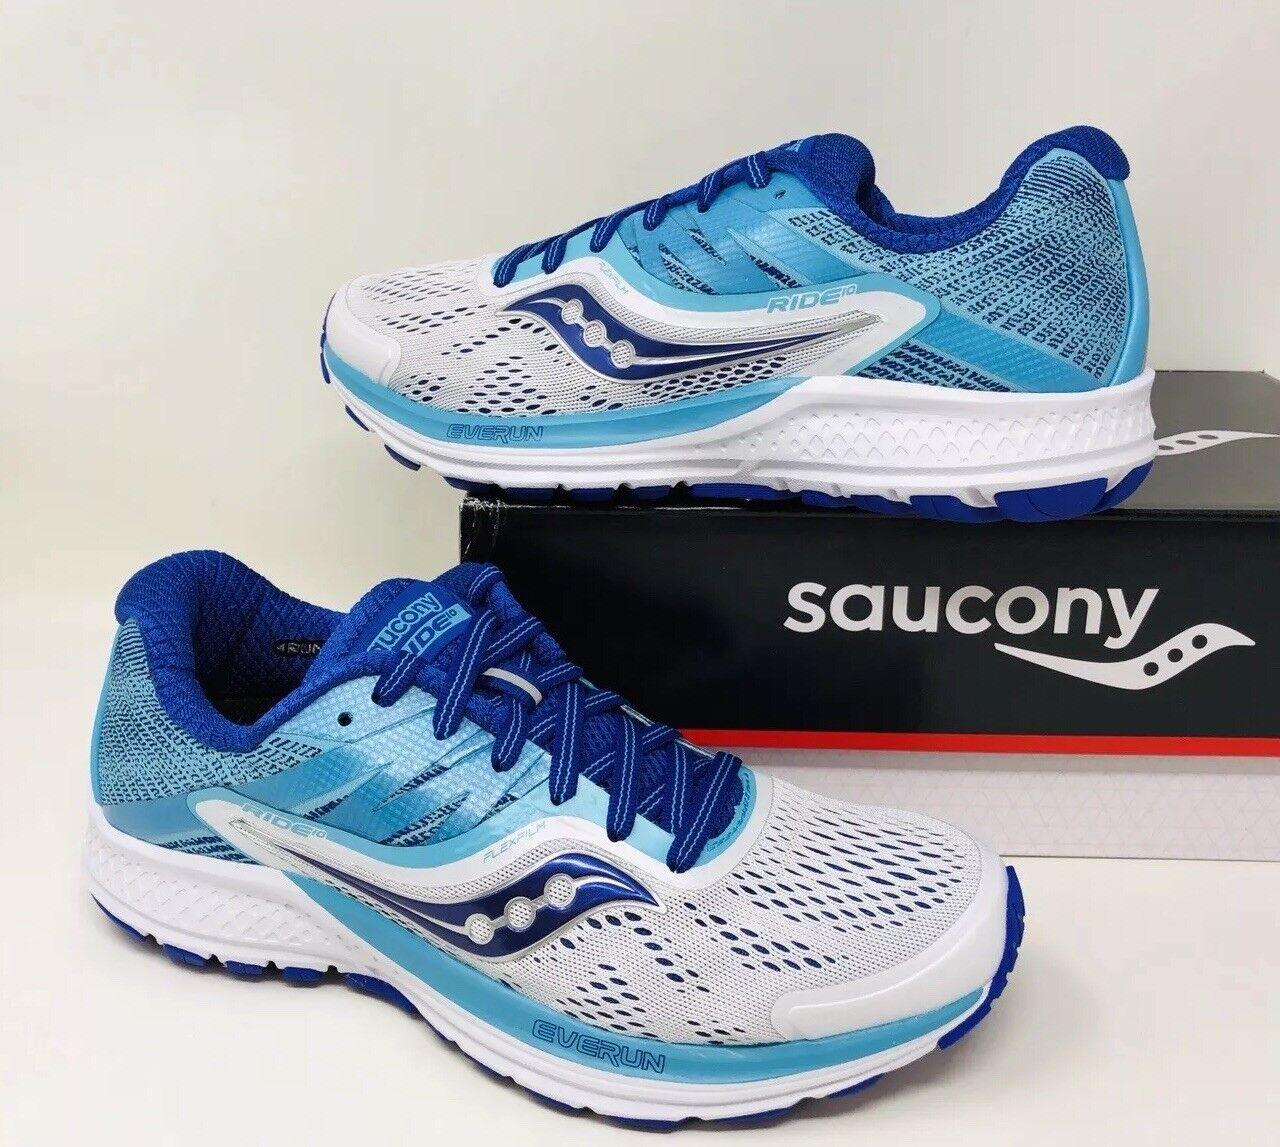 Saucony Mujer Ride 10 Calzado para Correr blancoo Azul elegir un tamaño estrecho